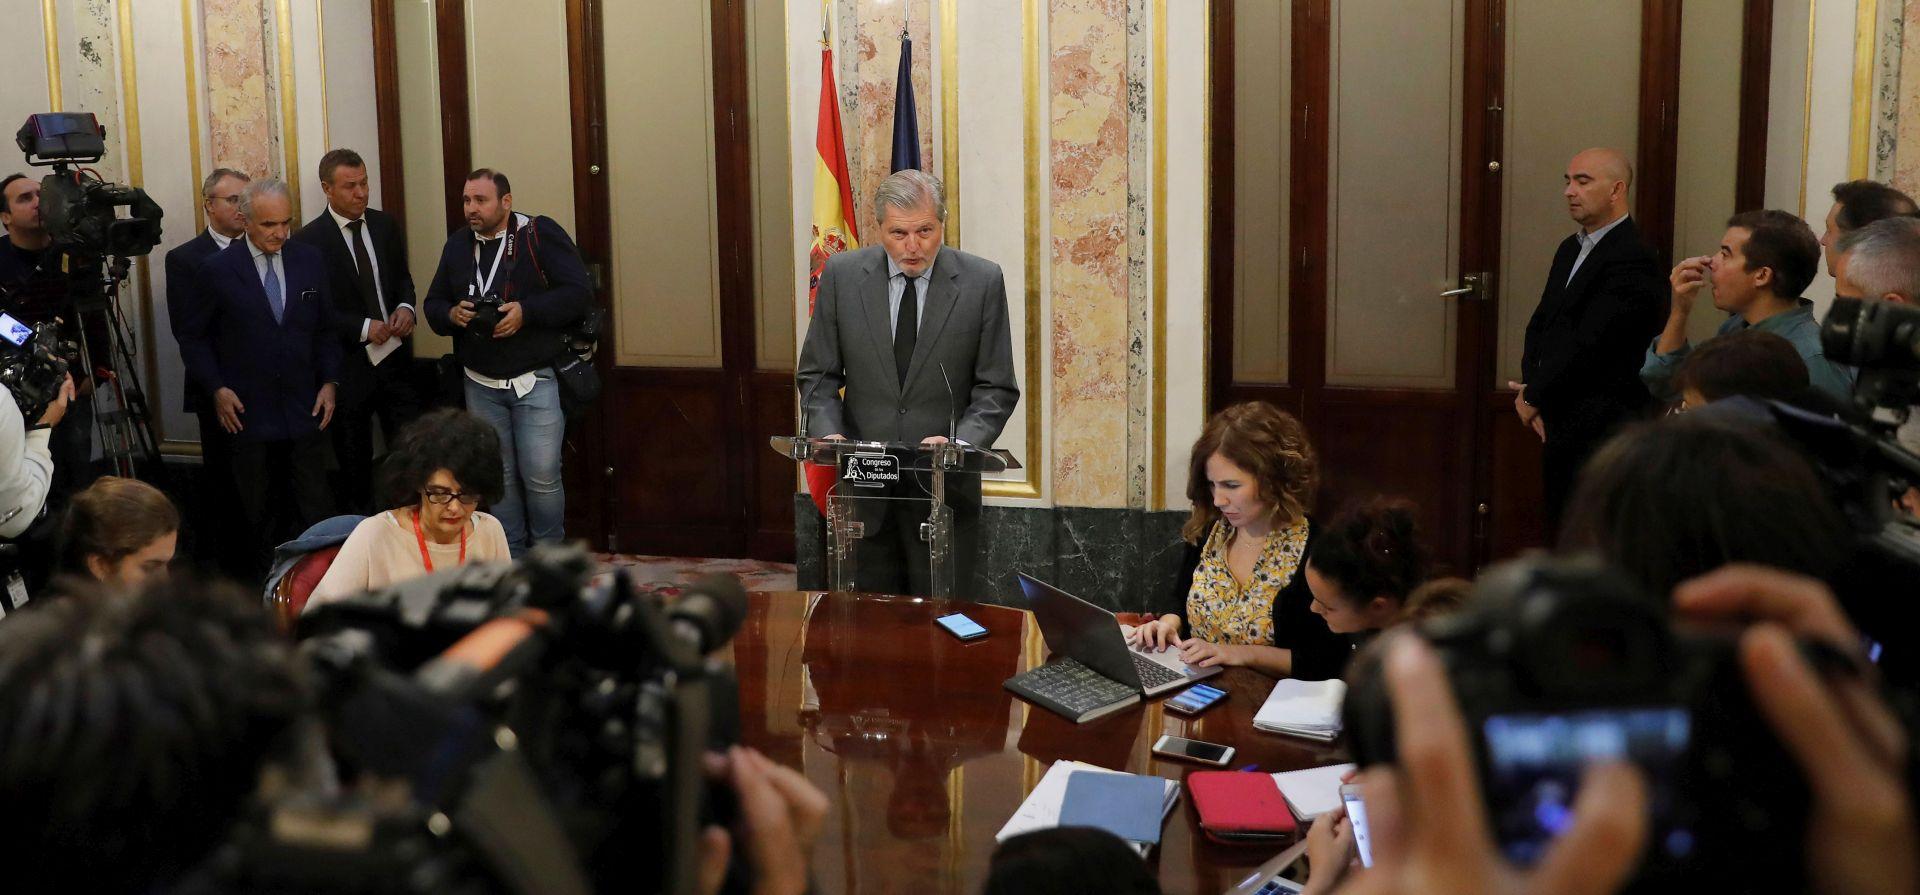 Katalonija počinje put u nepoznato